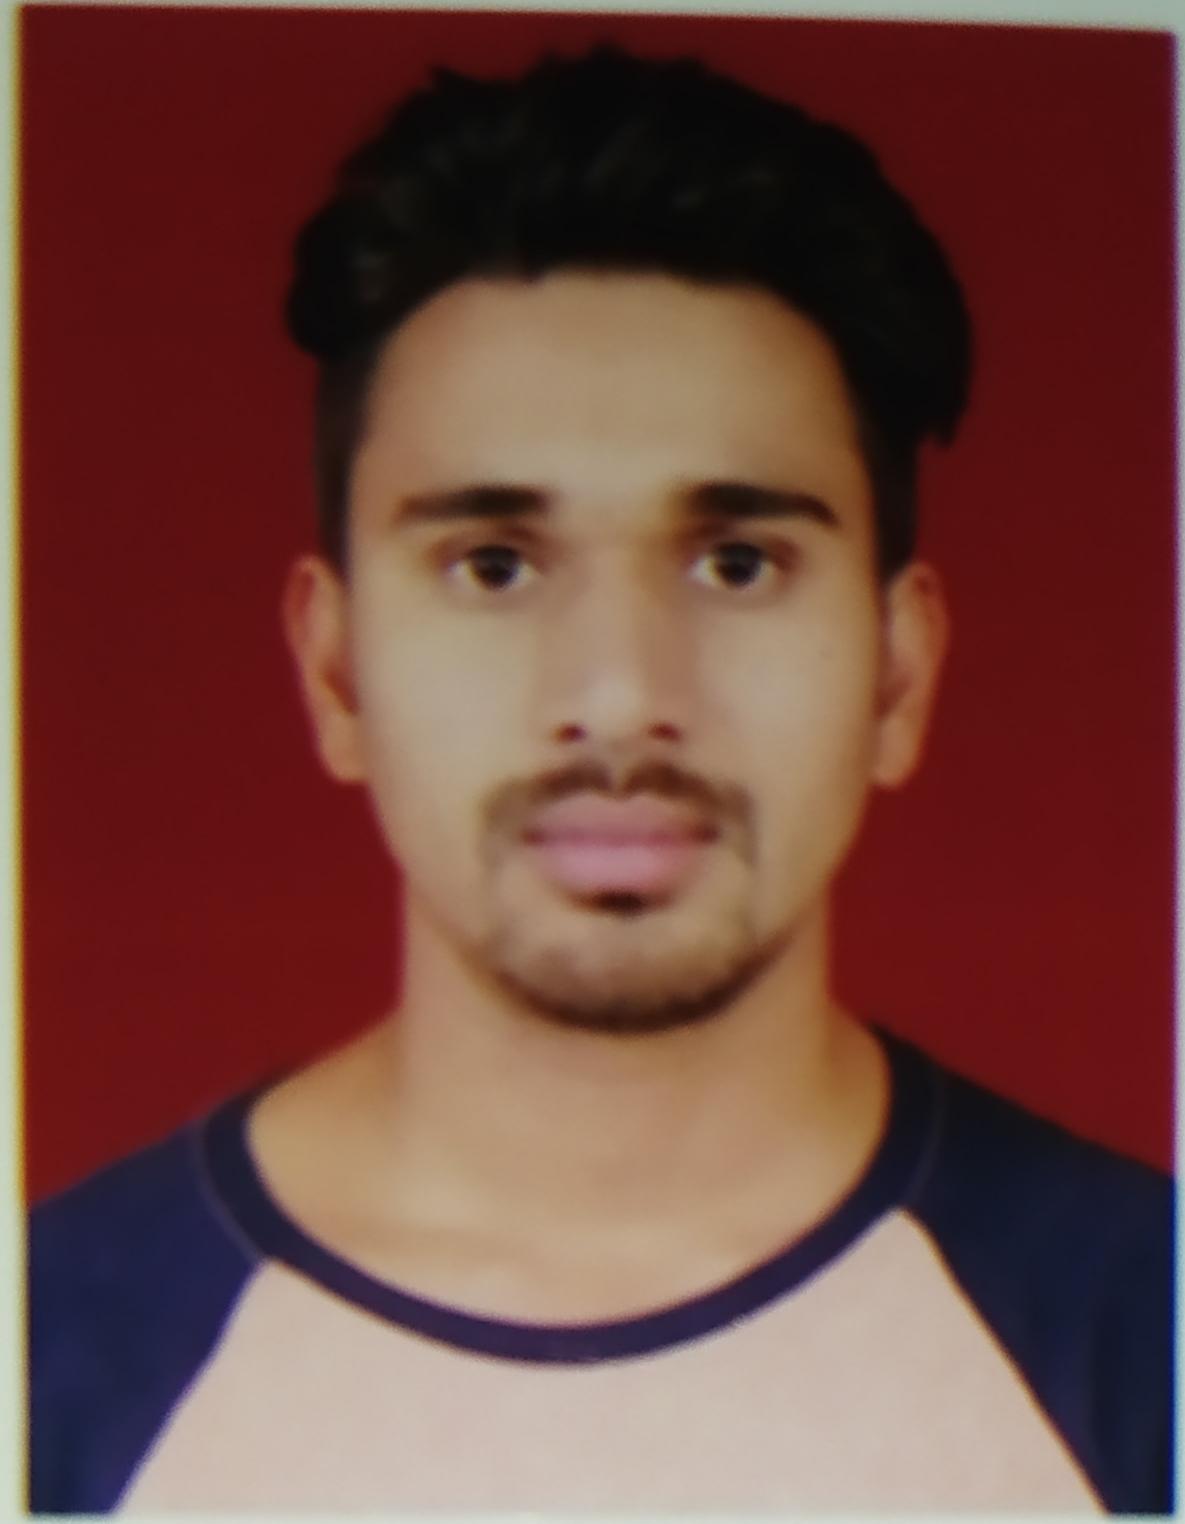 Sagar Bhatt BCA 2019-20 TCS, Infosys